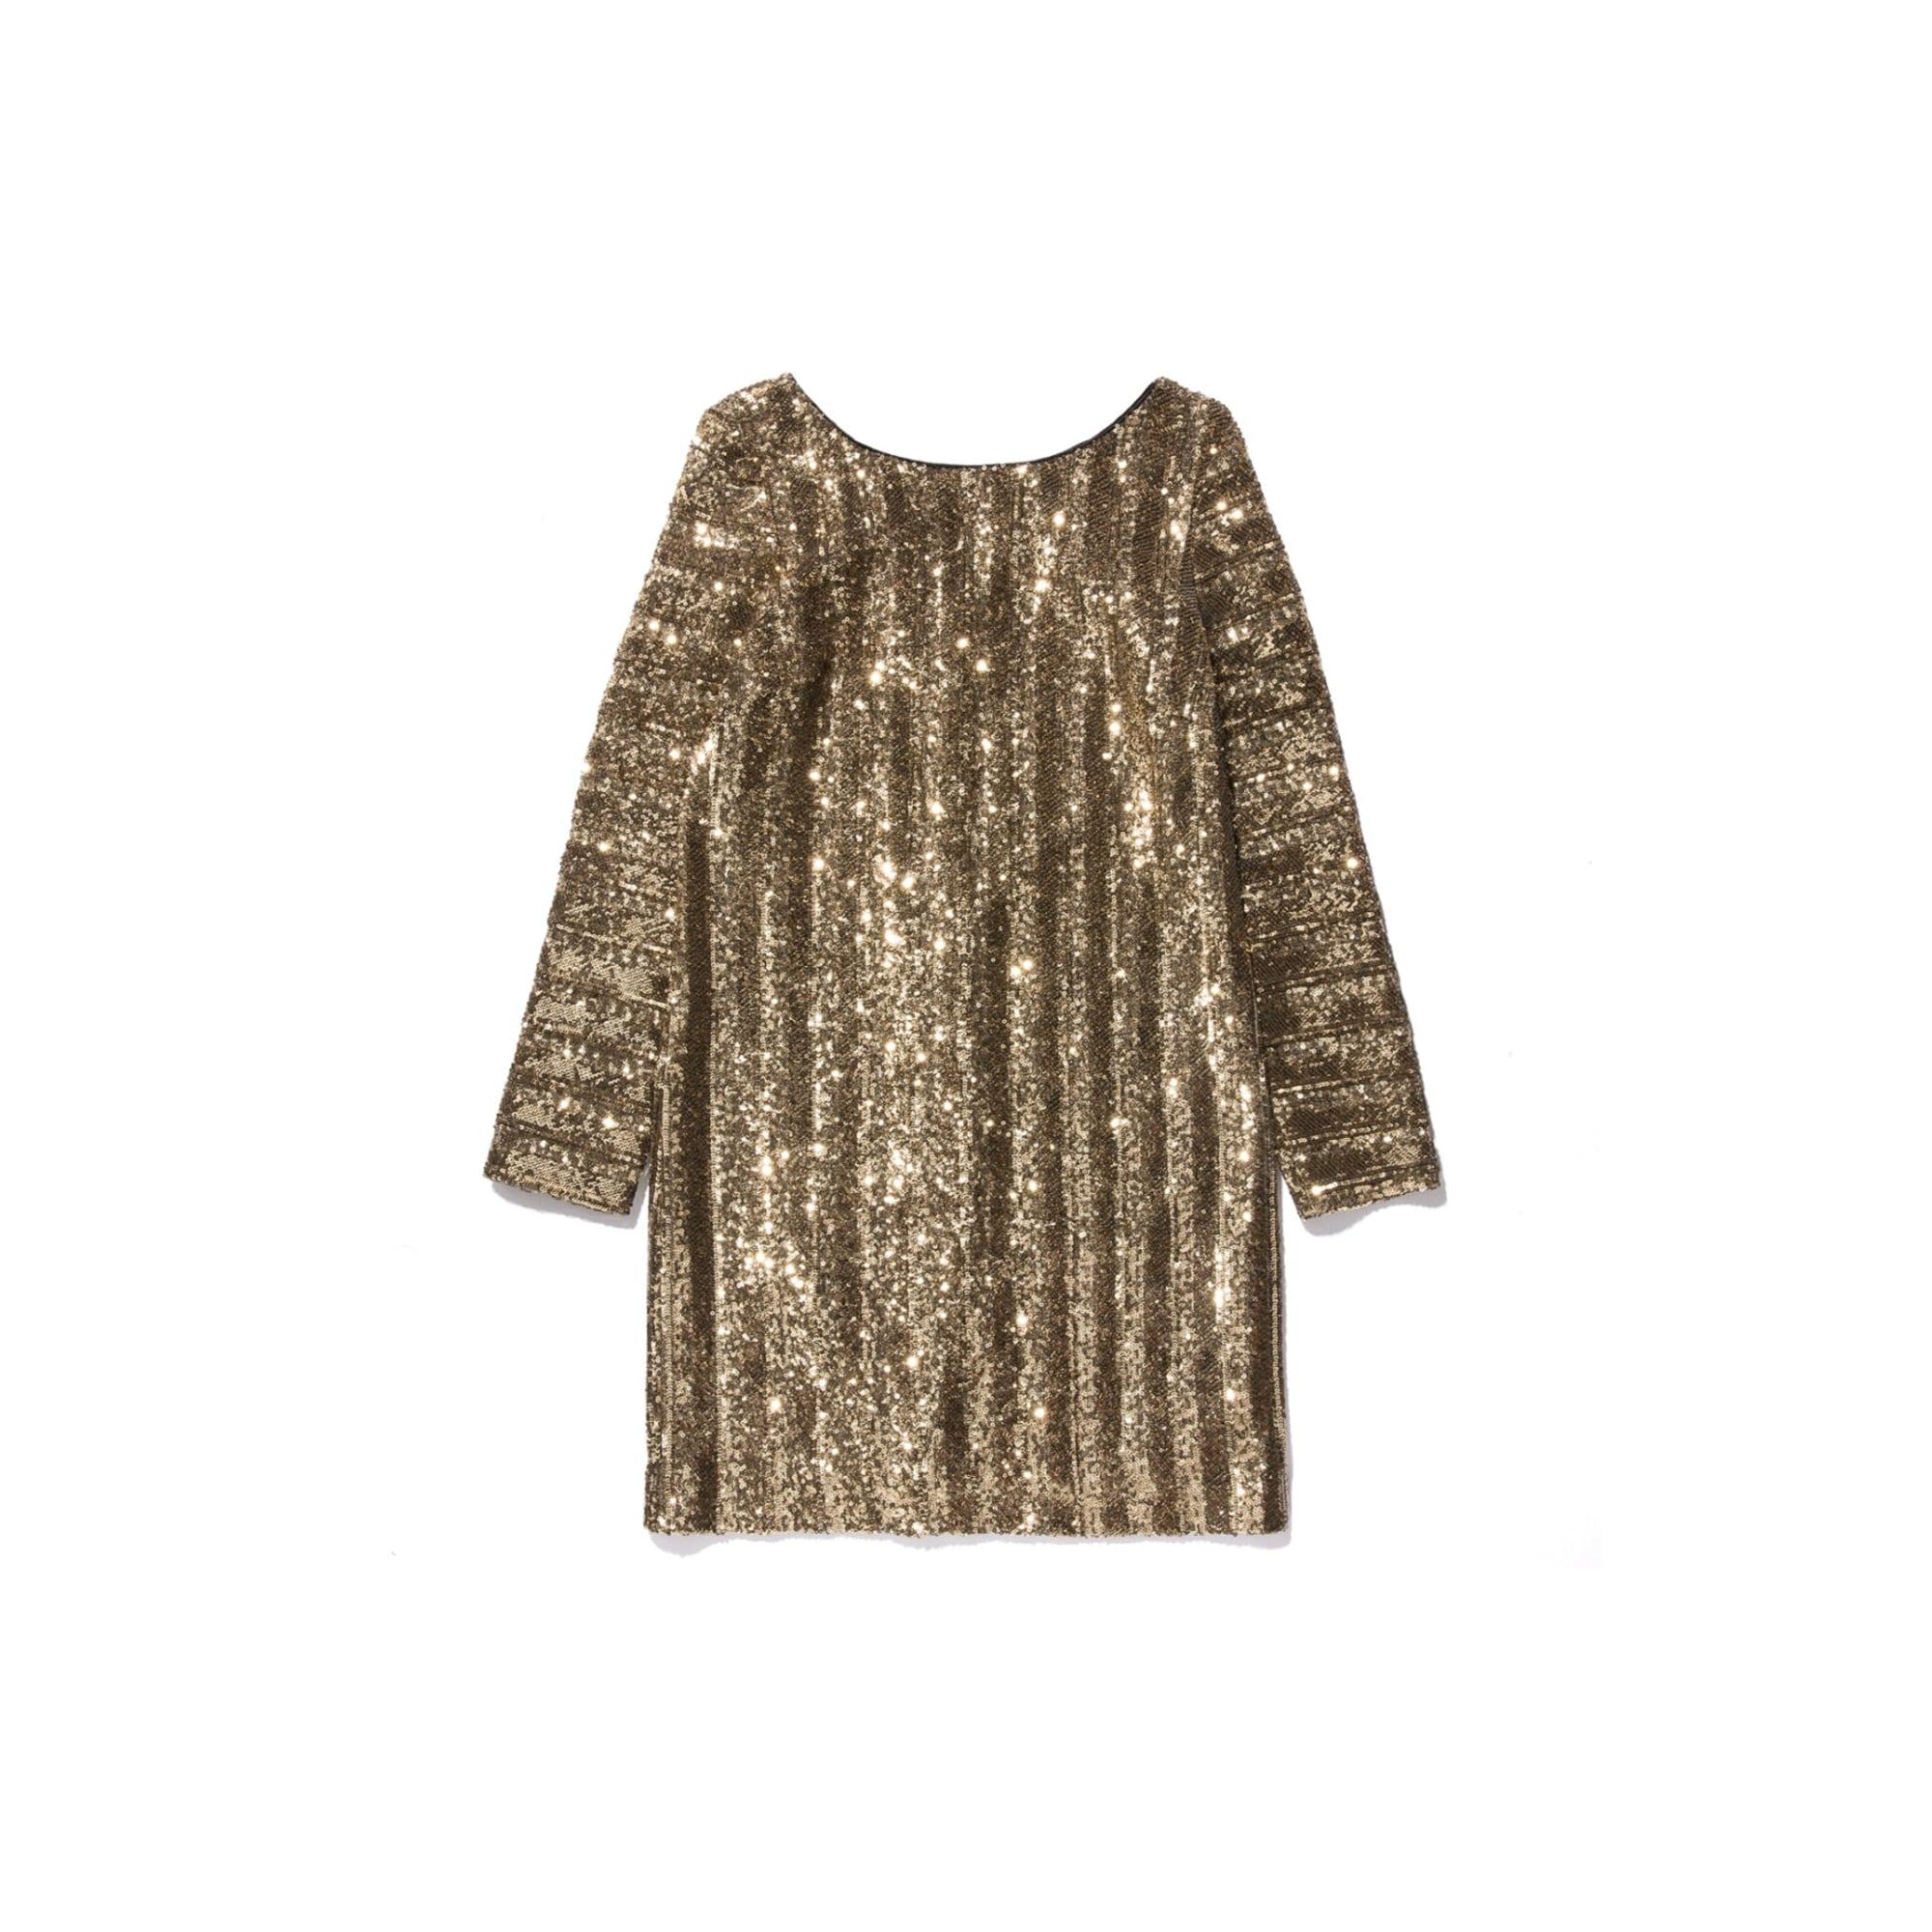 0444cbe031e54 Robe courte BALZAC PARIS 34 (XS, T0) doré - 8530582